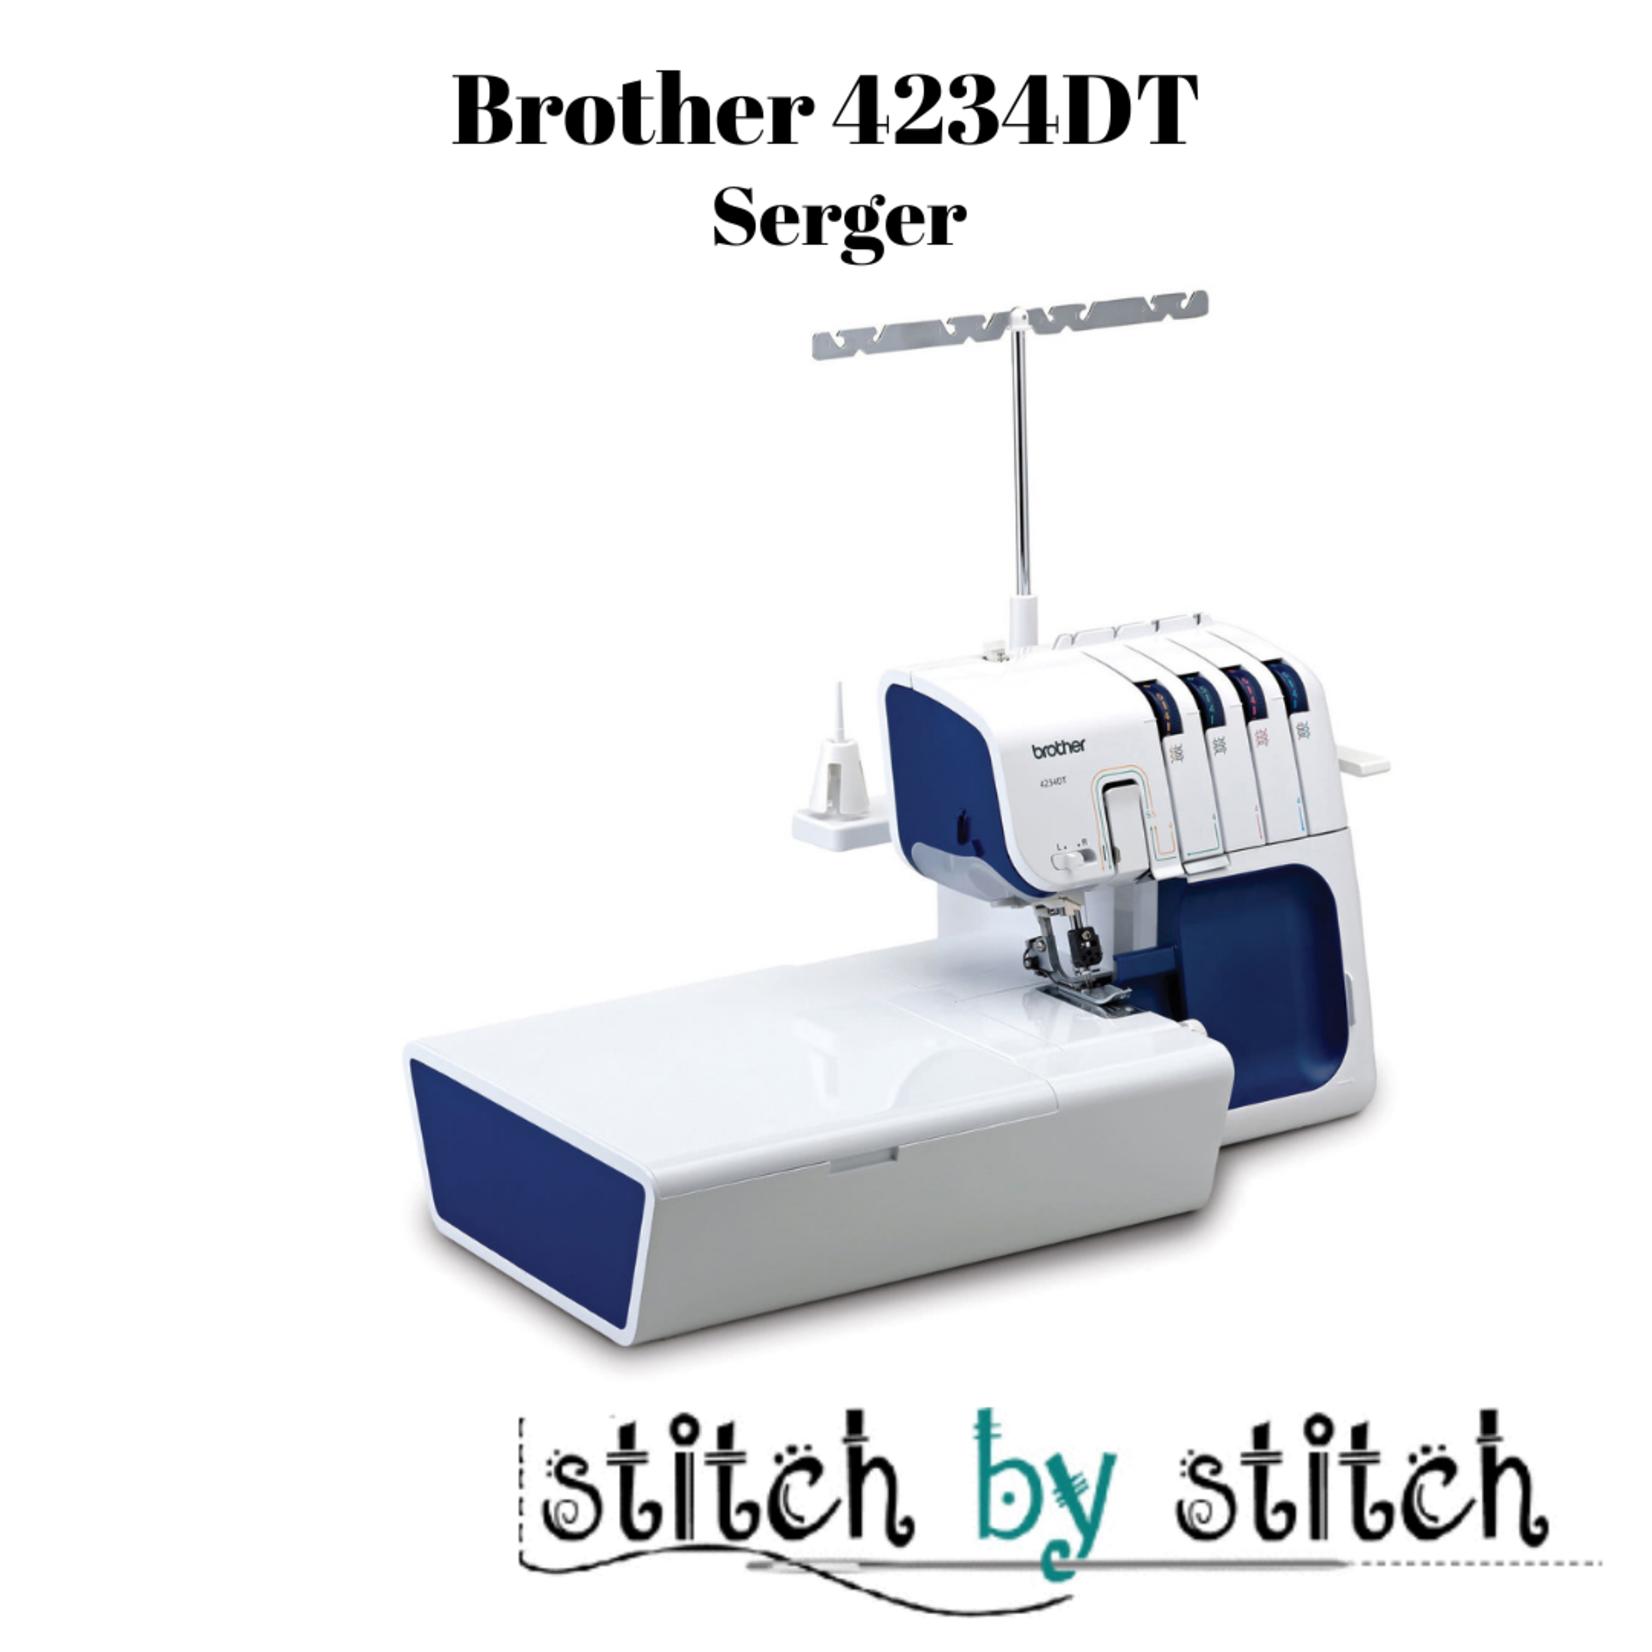 Brother 4234DT Serger